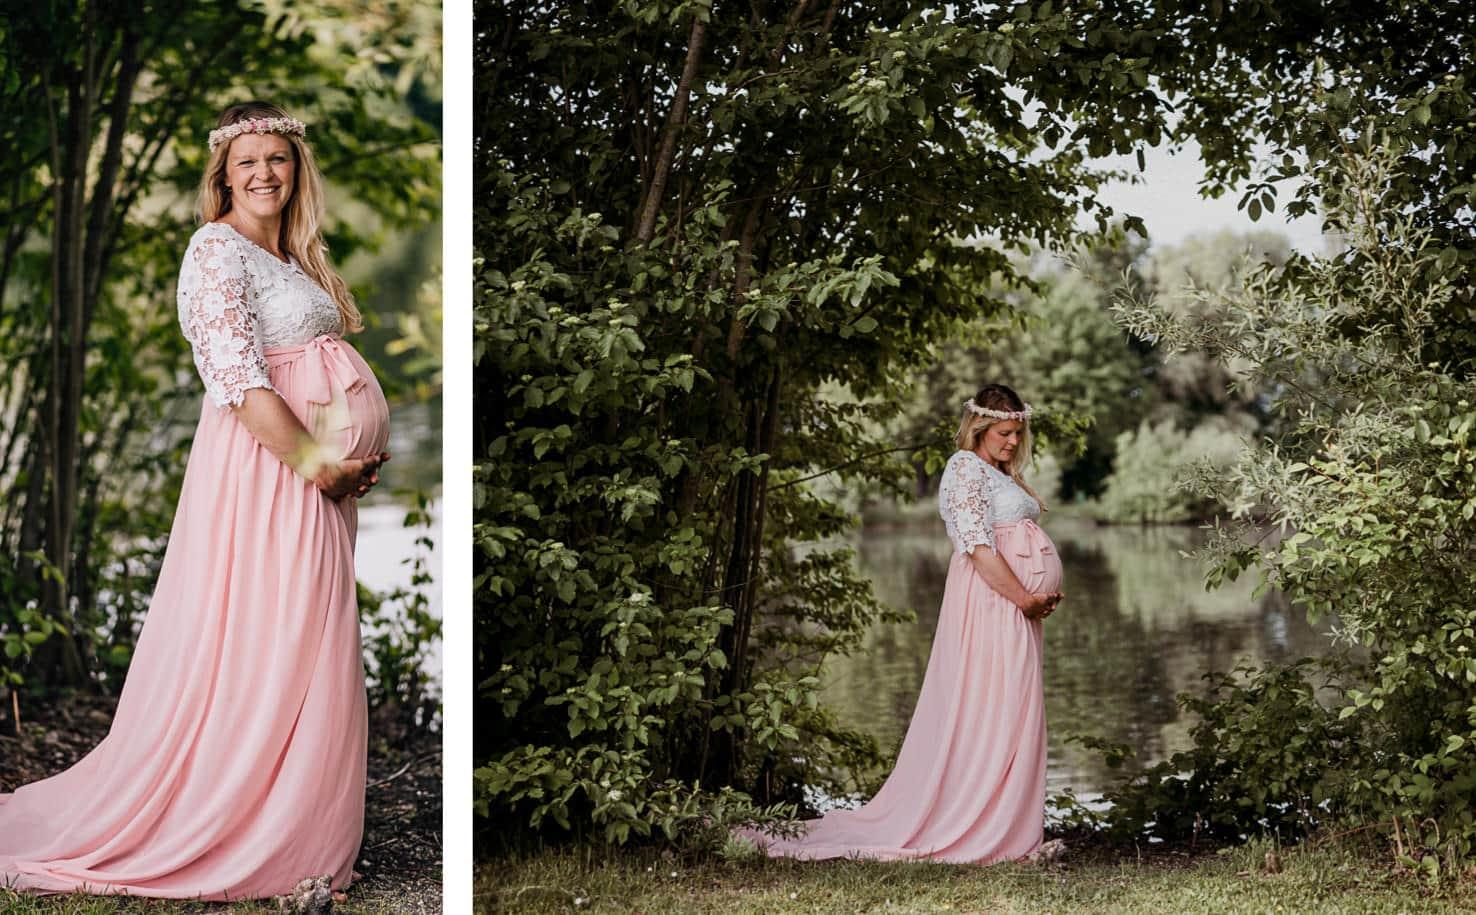 Schwangerschaftsoutfits für dein Babybauchshooting - Langes Kleid mit Spitze - Mica Zeitz Fotografie, München, Pfaffenhofen, Regensburg, Ingolstadt